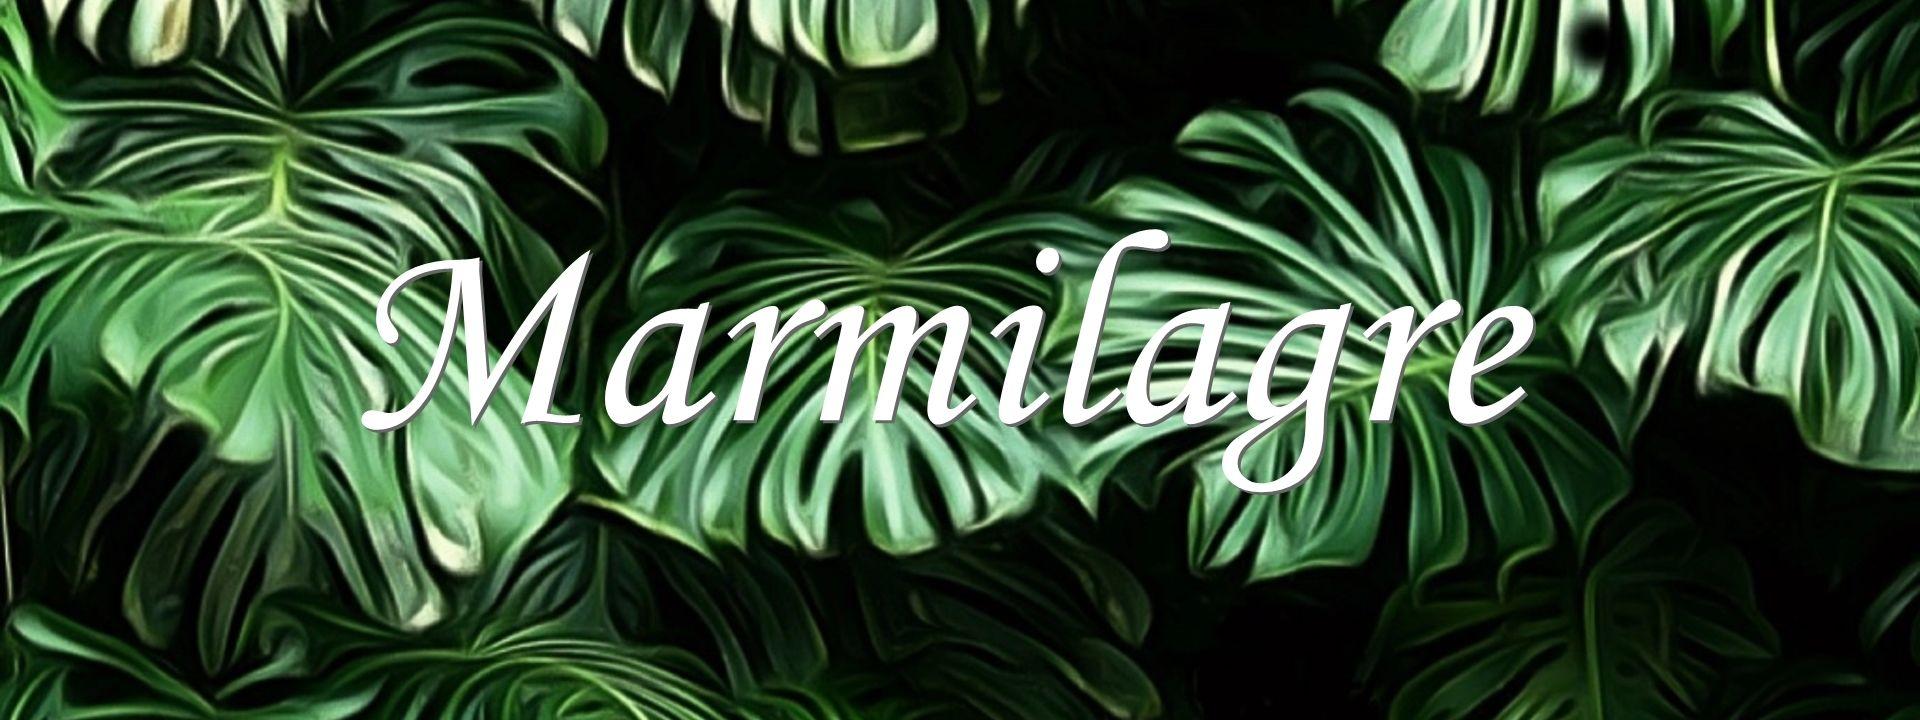 Marmilagre